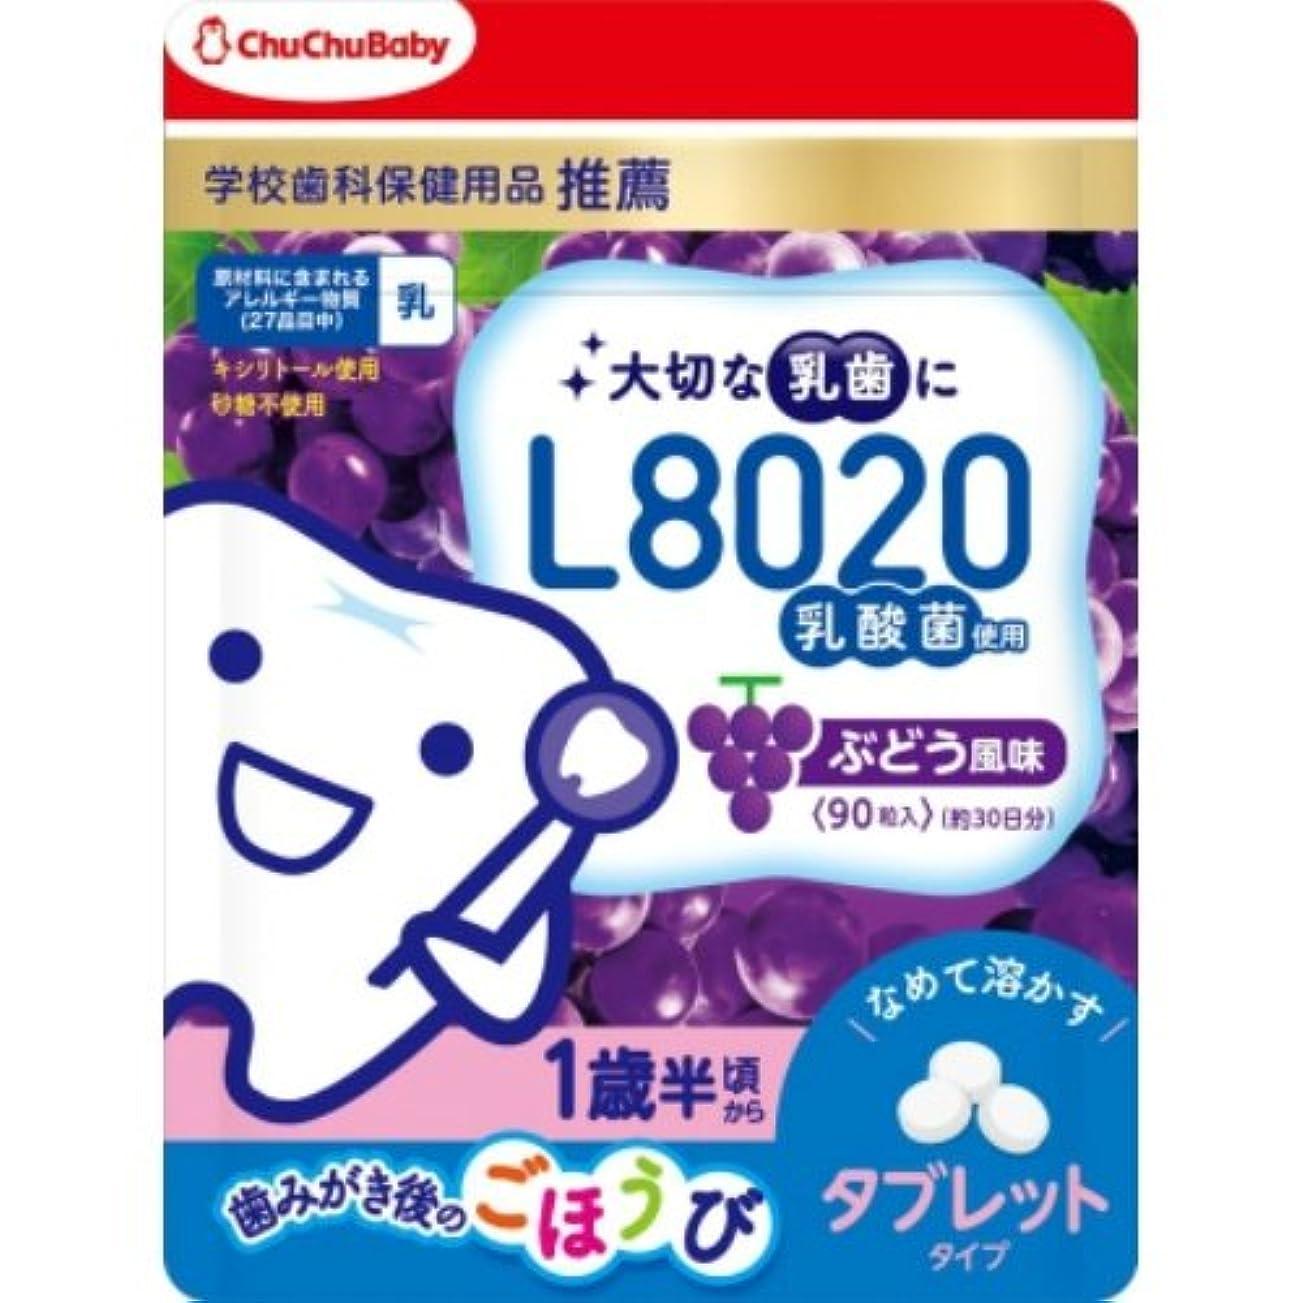 正直うるさいシャベルL8020乳酸菌チュチュベビータブレットぶどう風味 × 5個セット